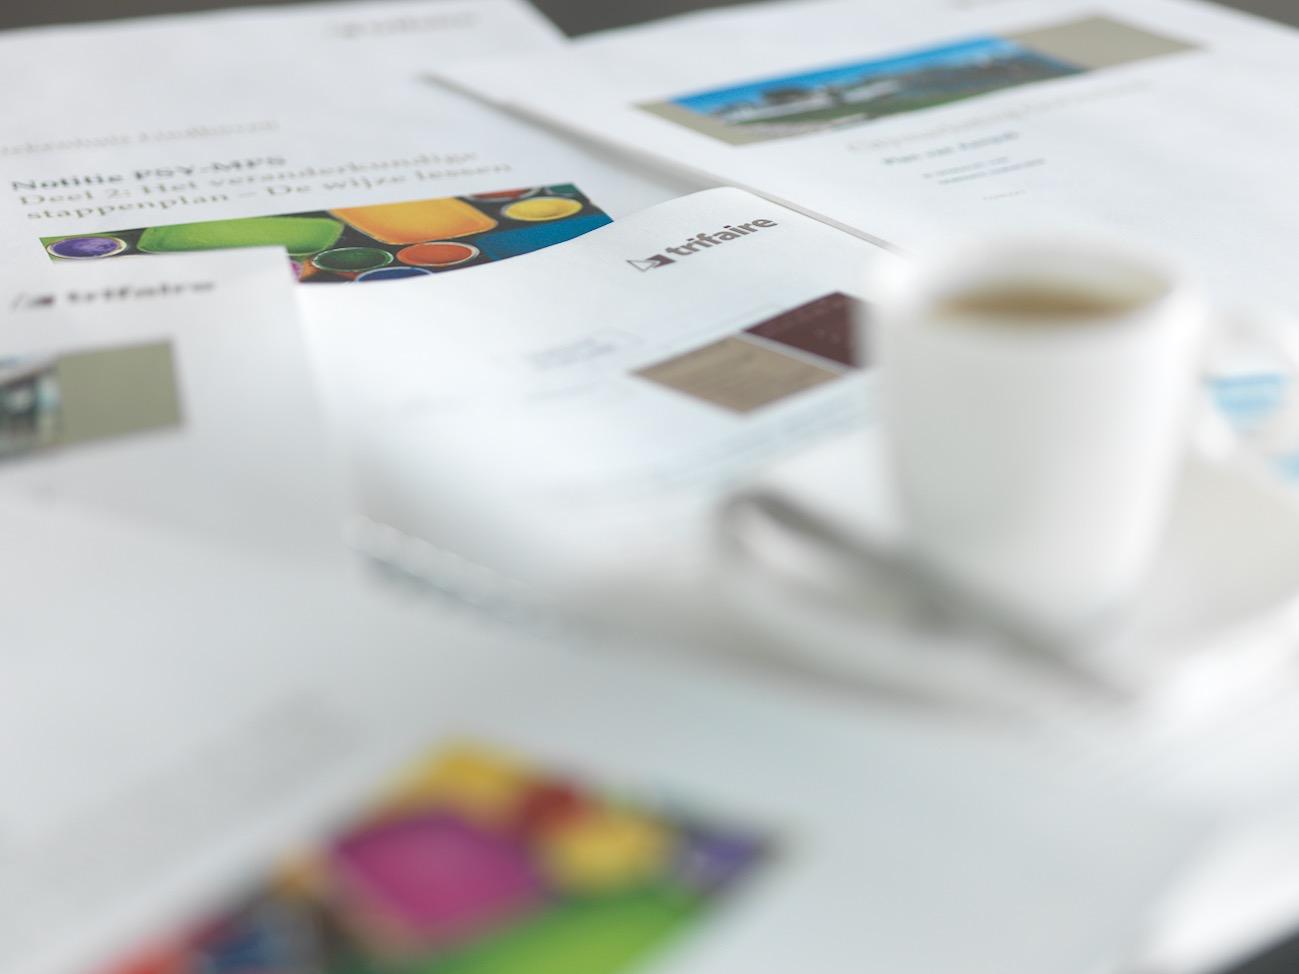 Opzetten van businessplannen en businesscases